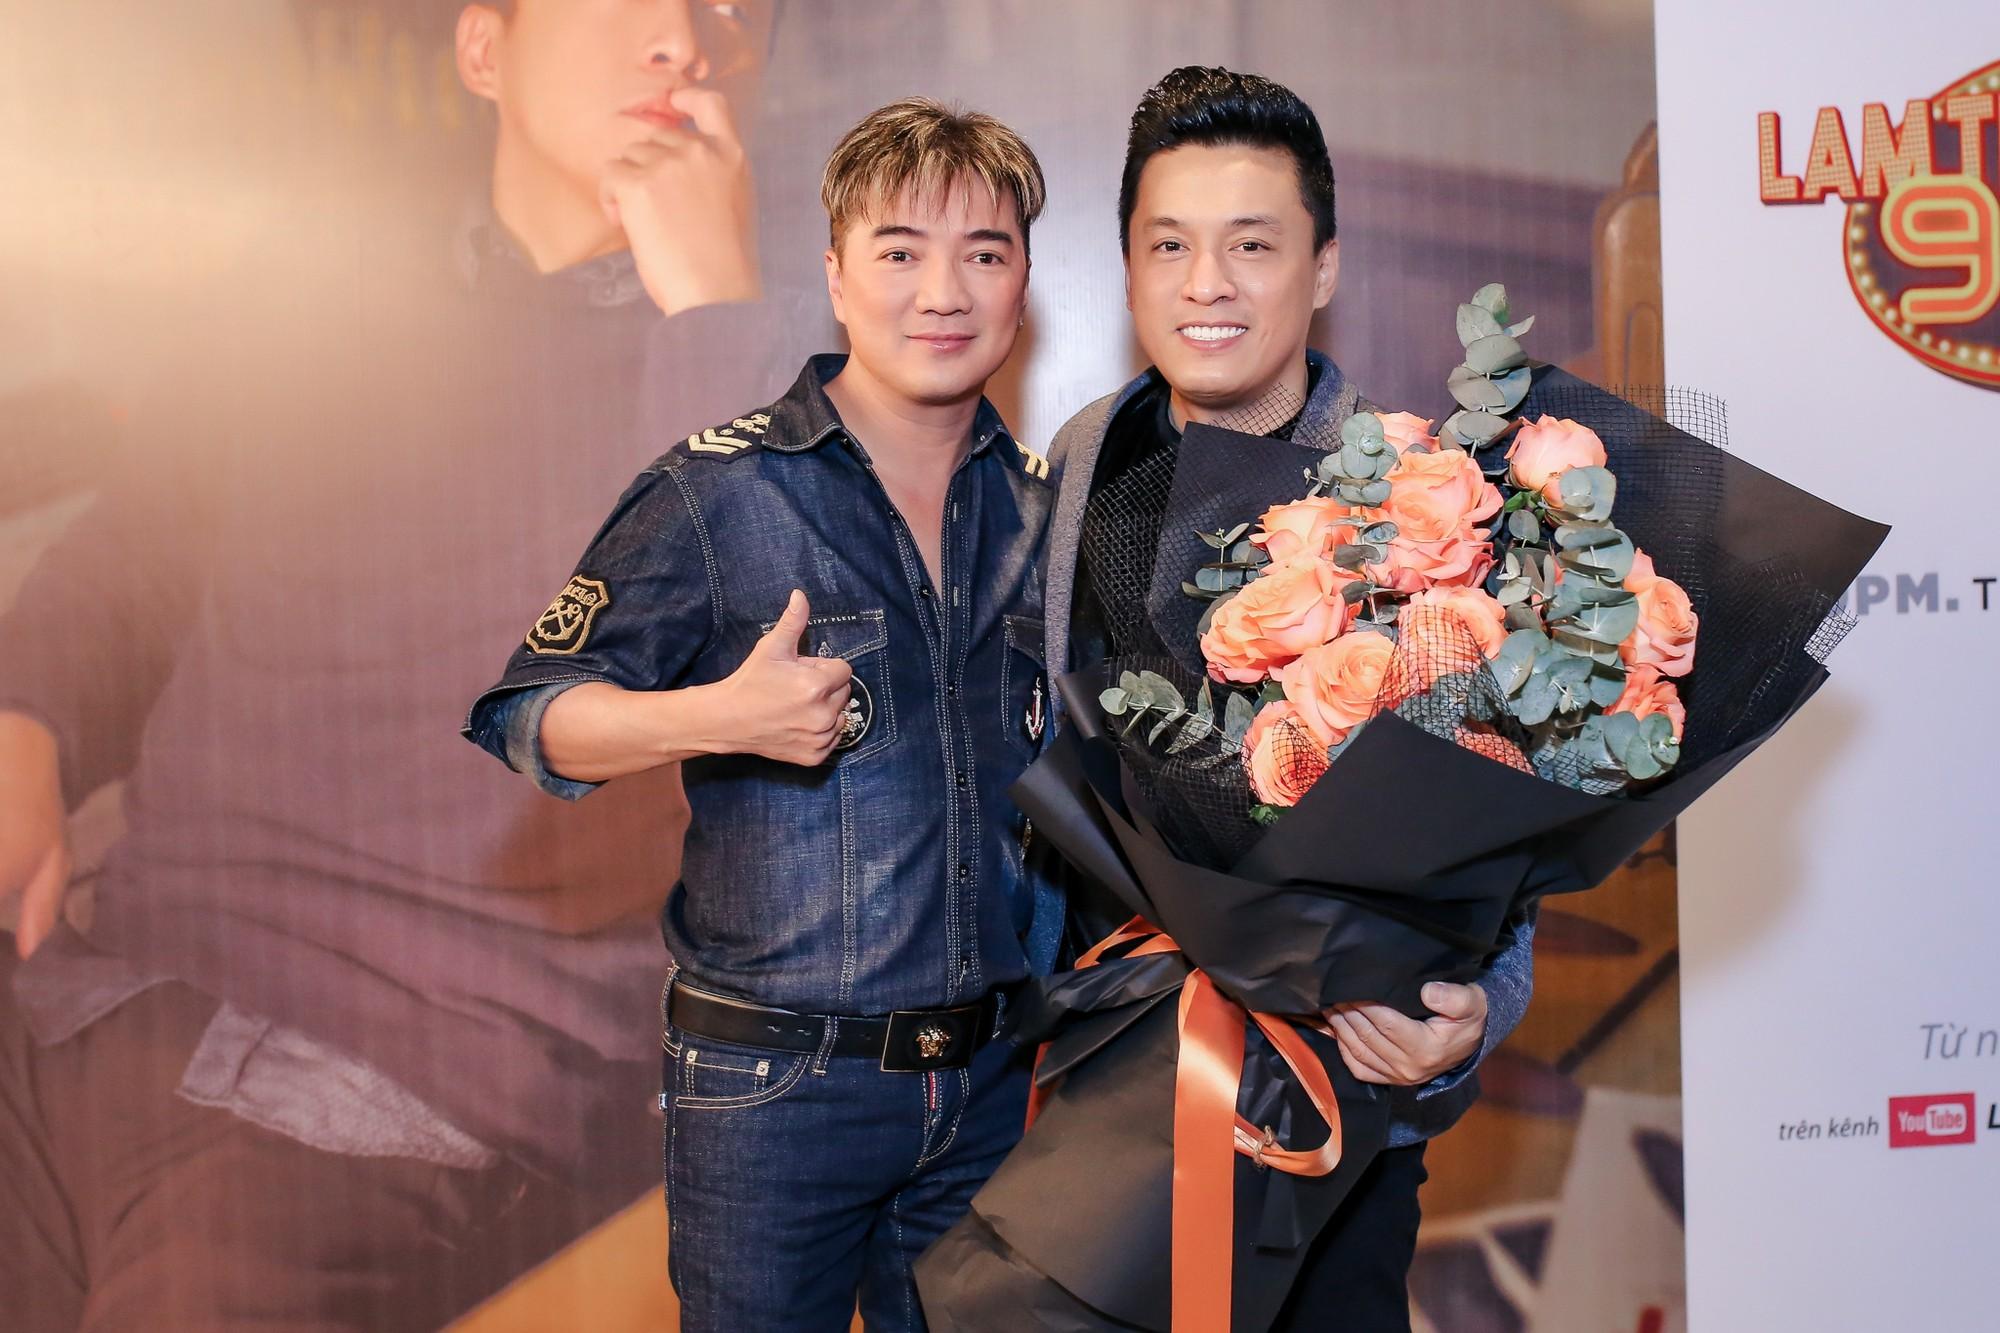 Đàm Vĩnh Hưng ôm hôn Lam Trường, nhắn nhủ: Nếu bị dính scandal thì hãy tìm Hưng để được giải - Ảnh 1.